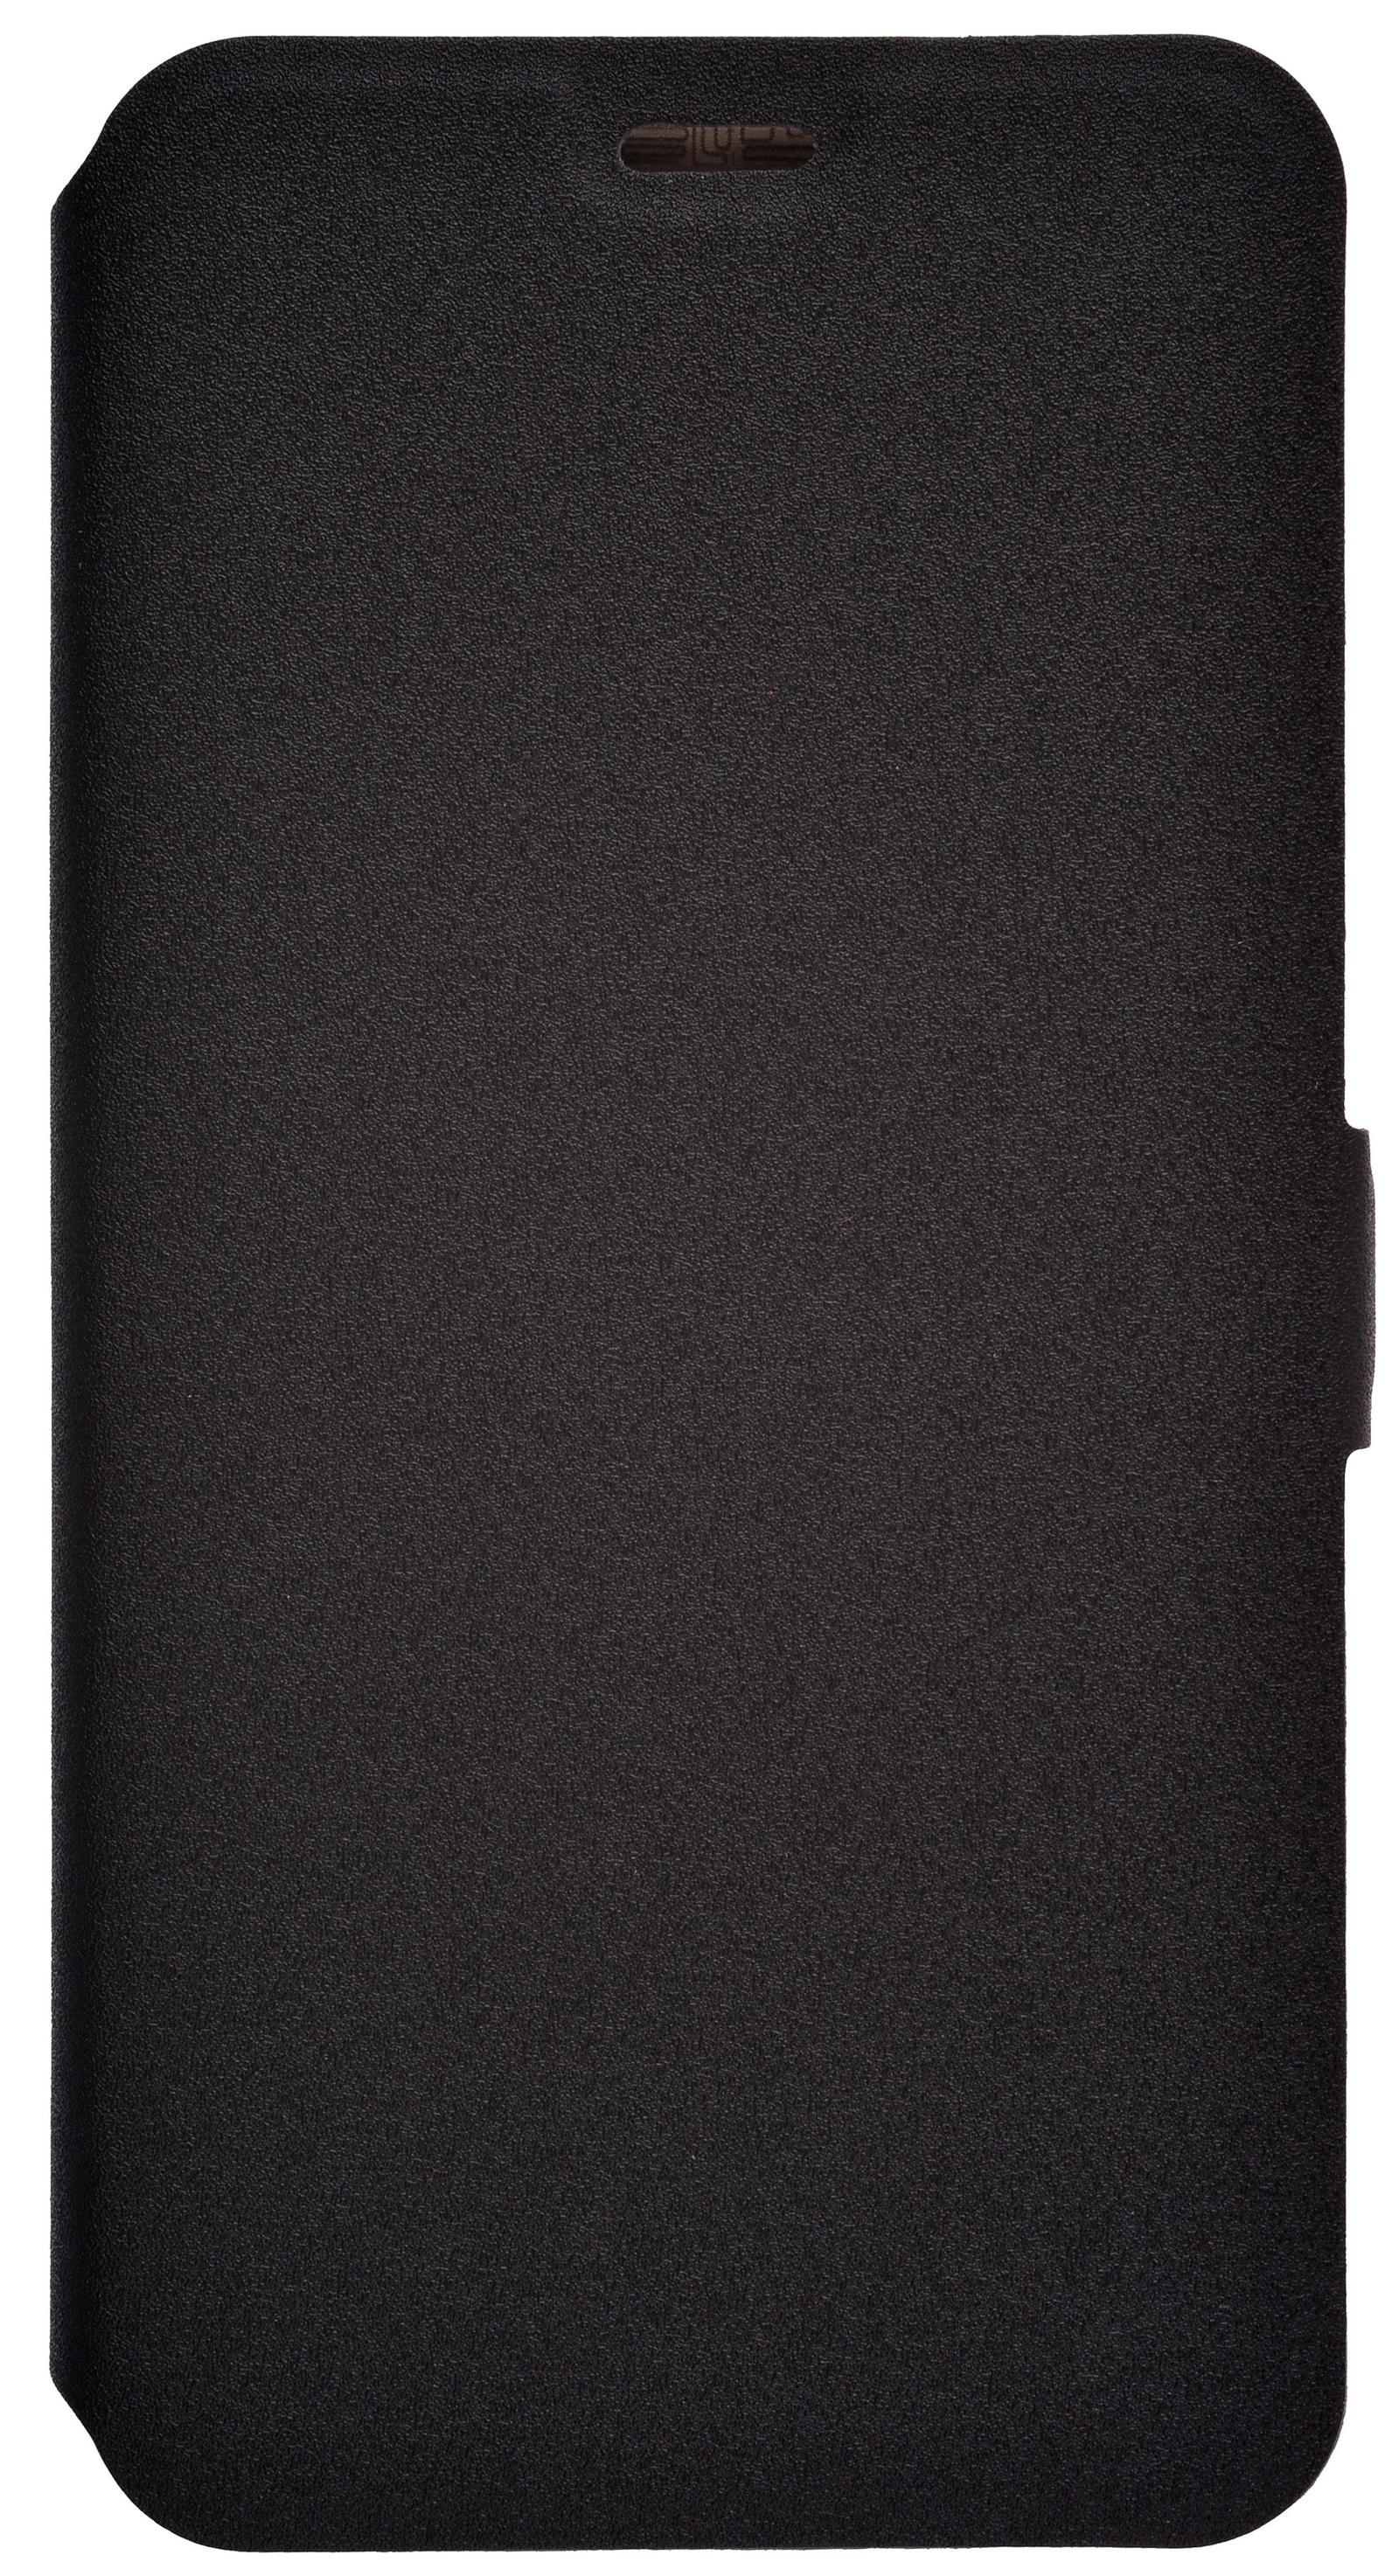 купить Чехол Prime Book- для Meizu M3E по цене 490 рублей